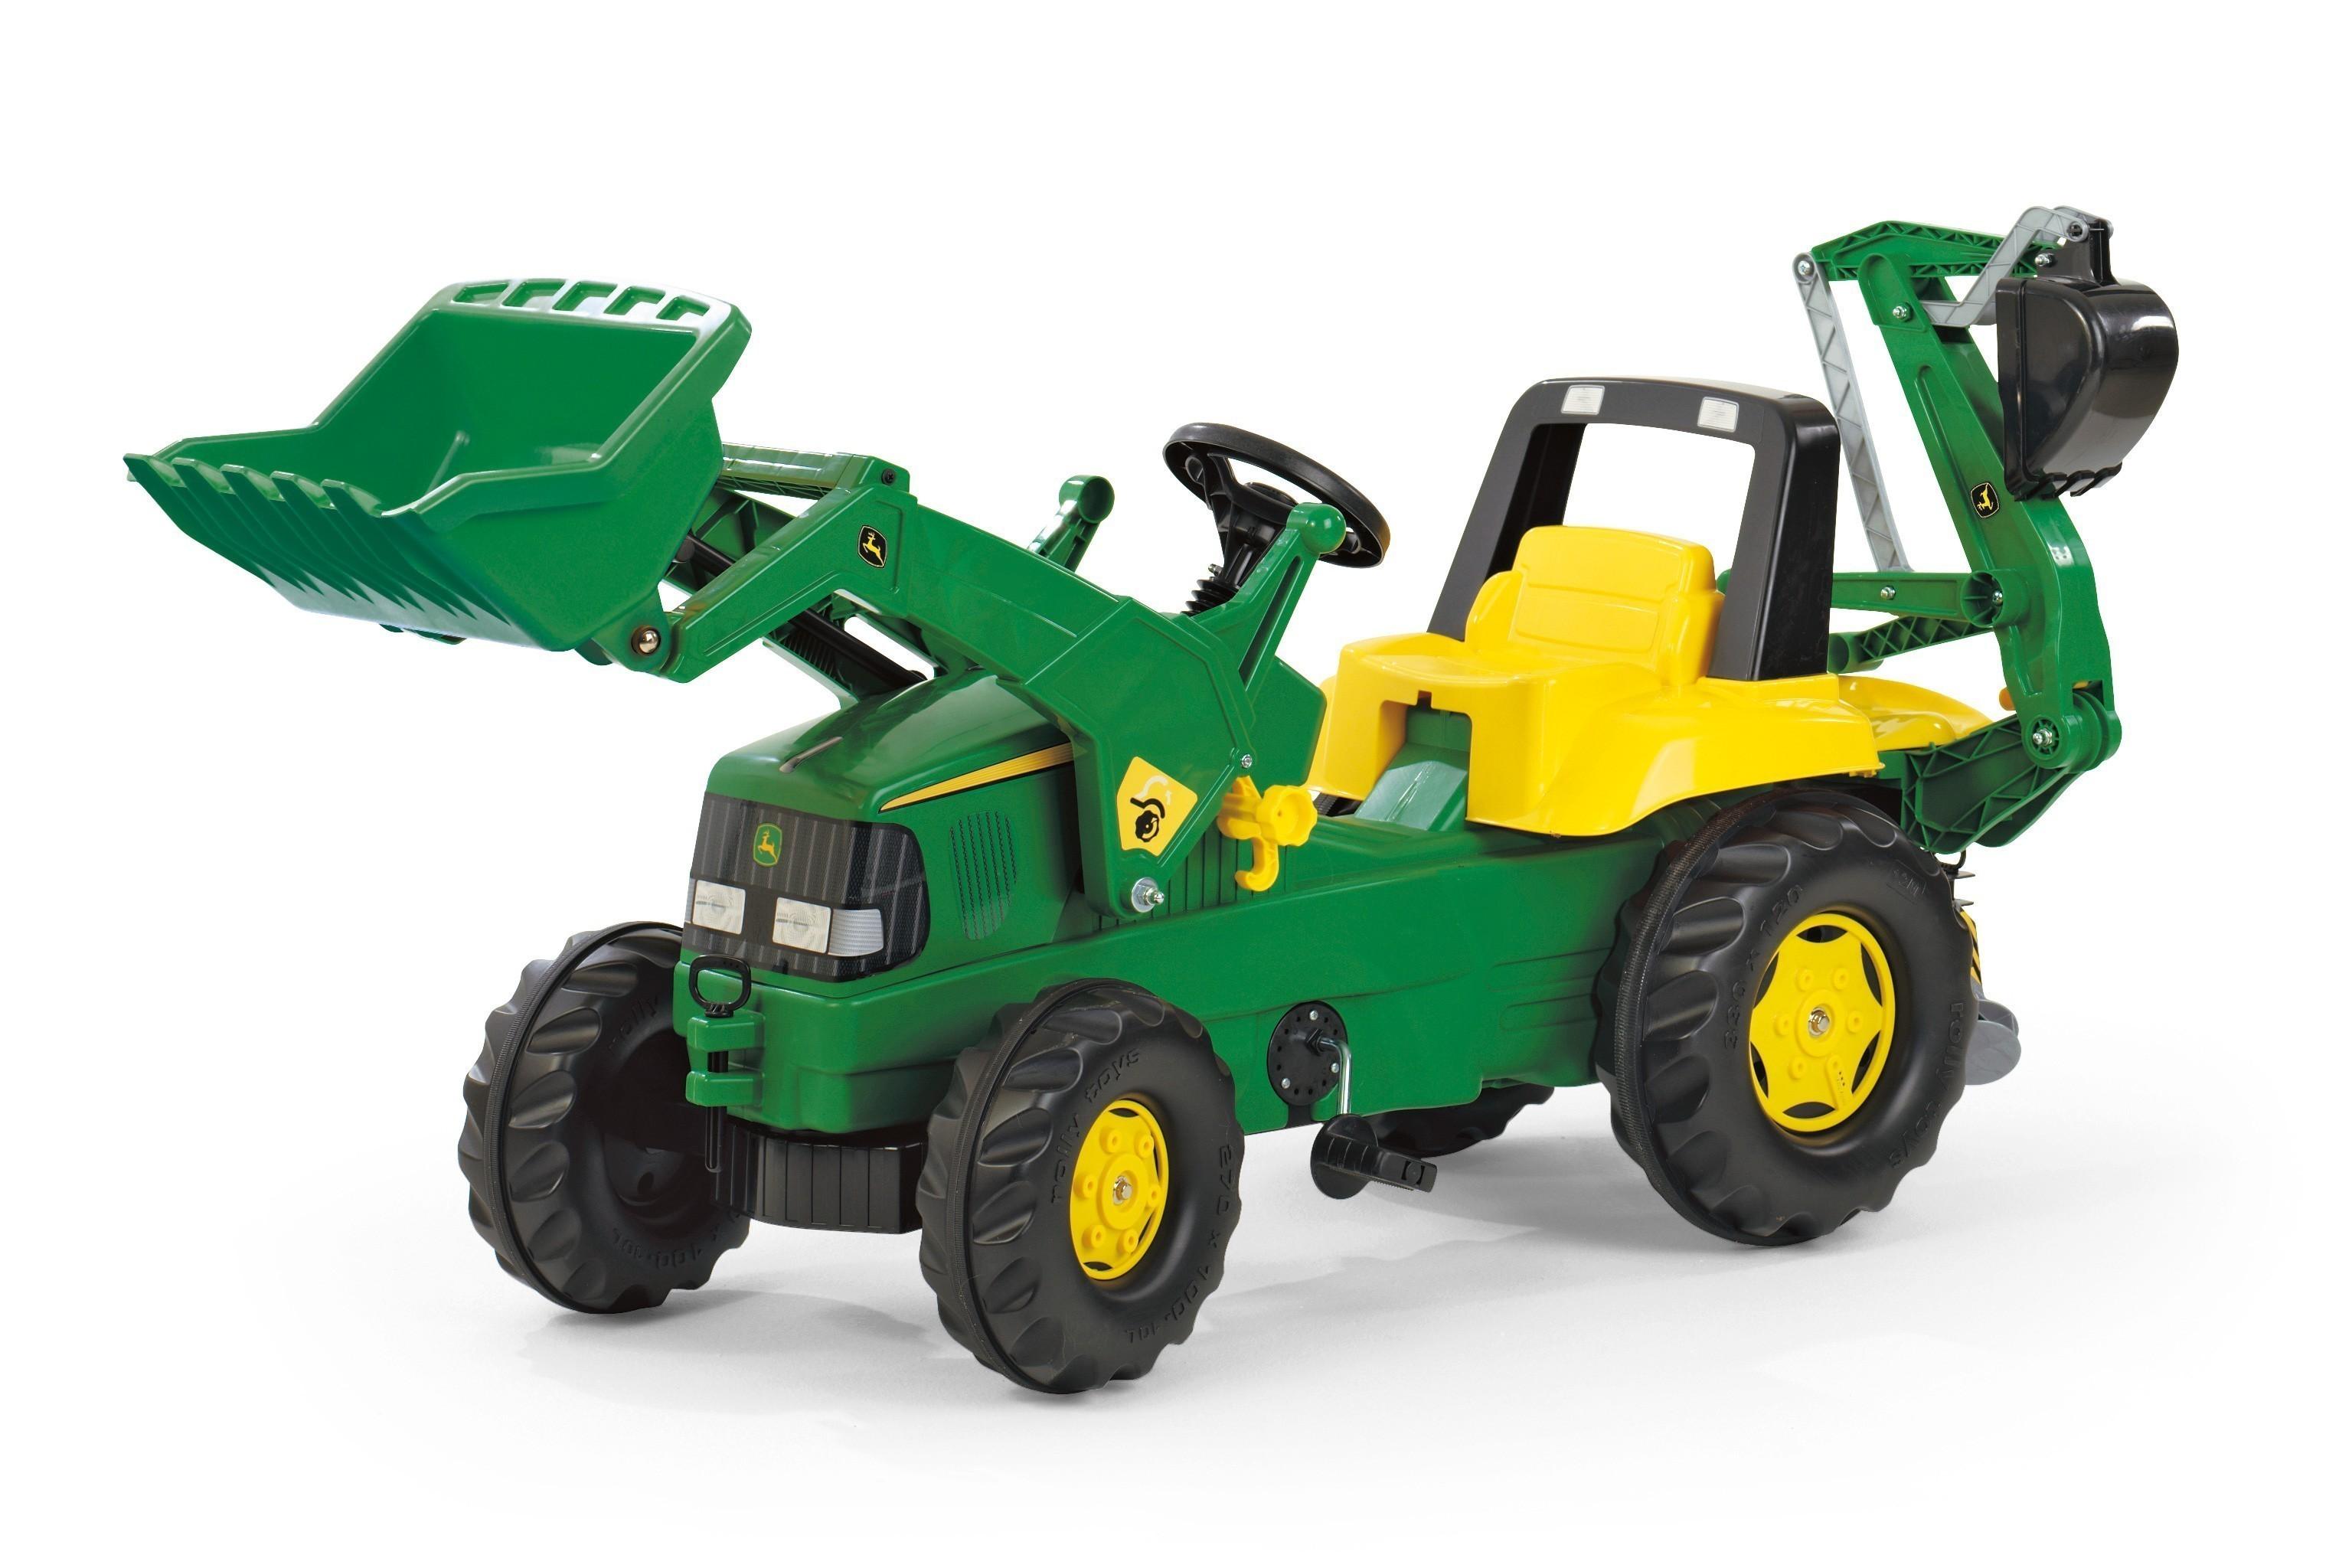 Trettraktor rolly Junior John Deere Frontlader + Bagger - Rolly Toys Bild 1